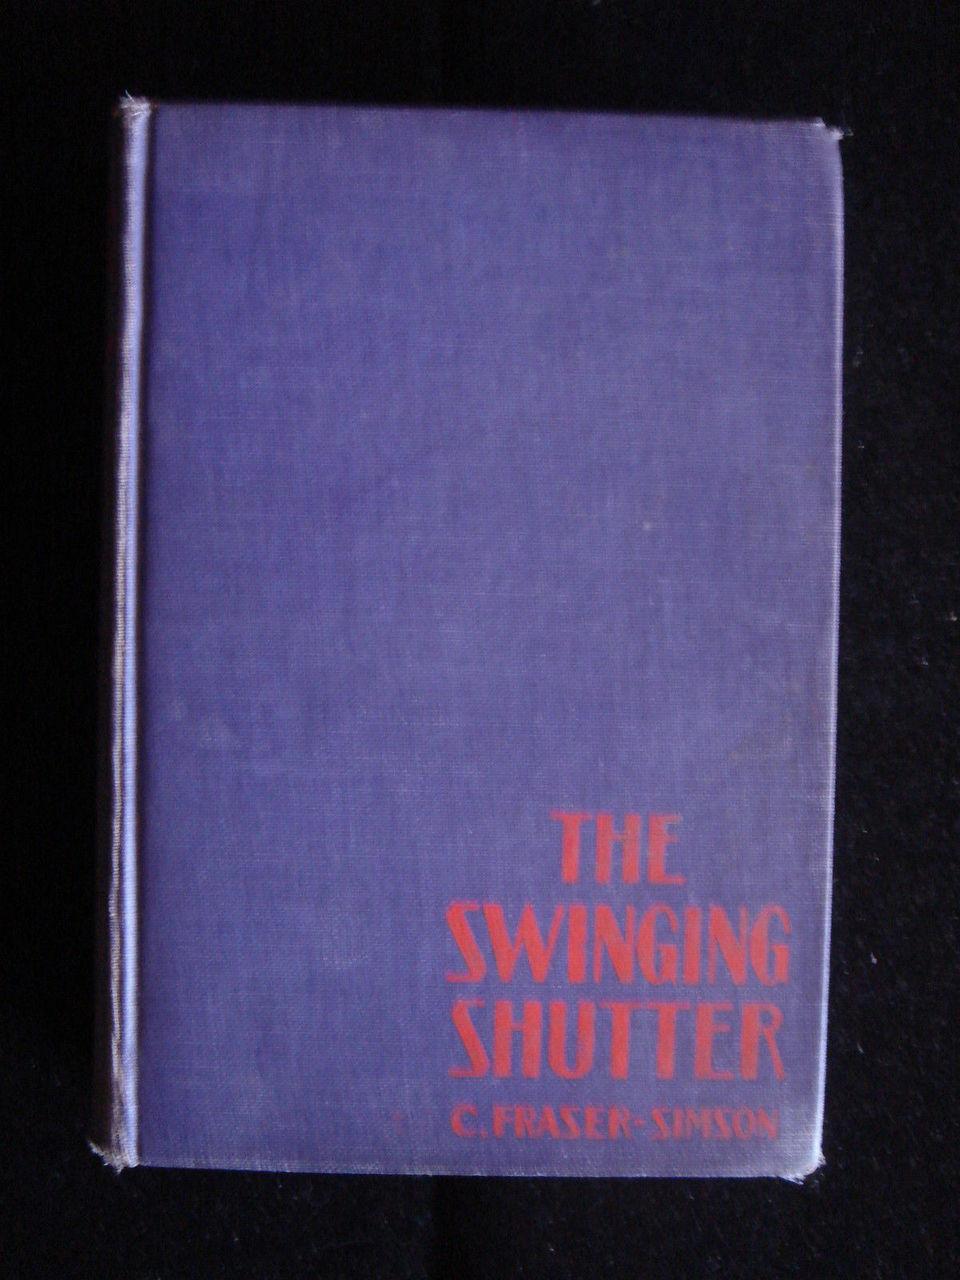 The Swinging Shutter C Fraser-Simson 1st Edition Scottish Highlands Mystery